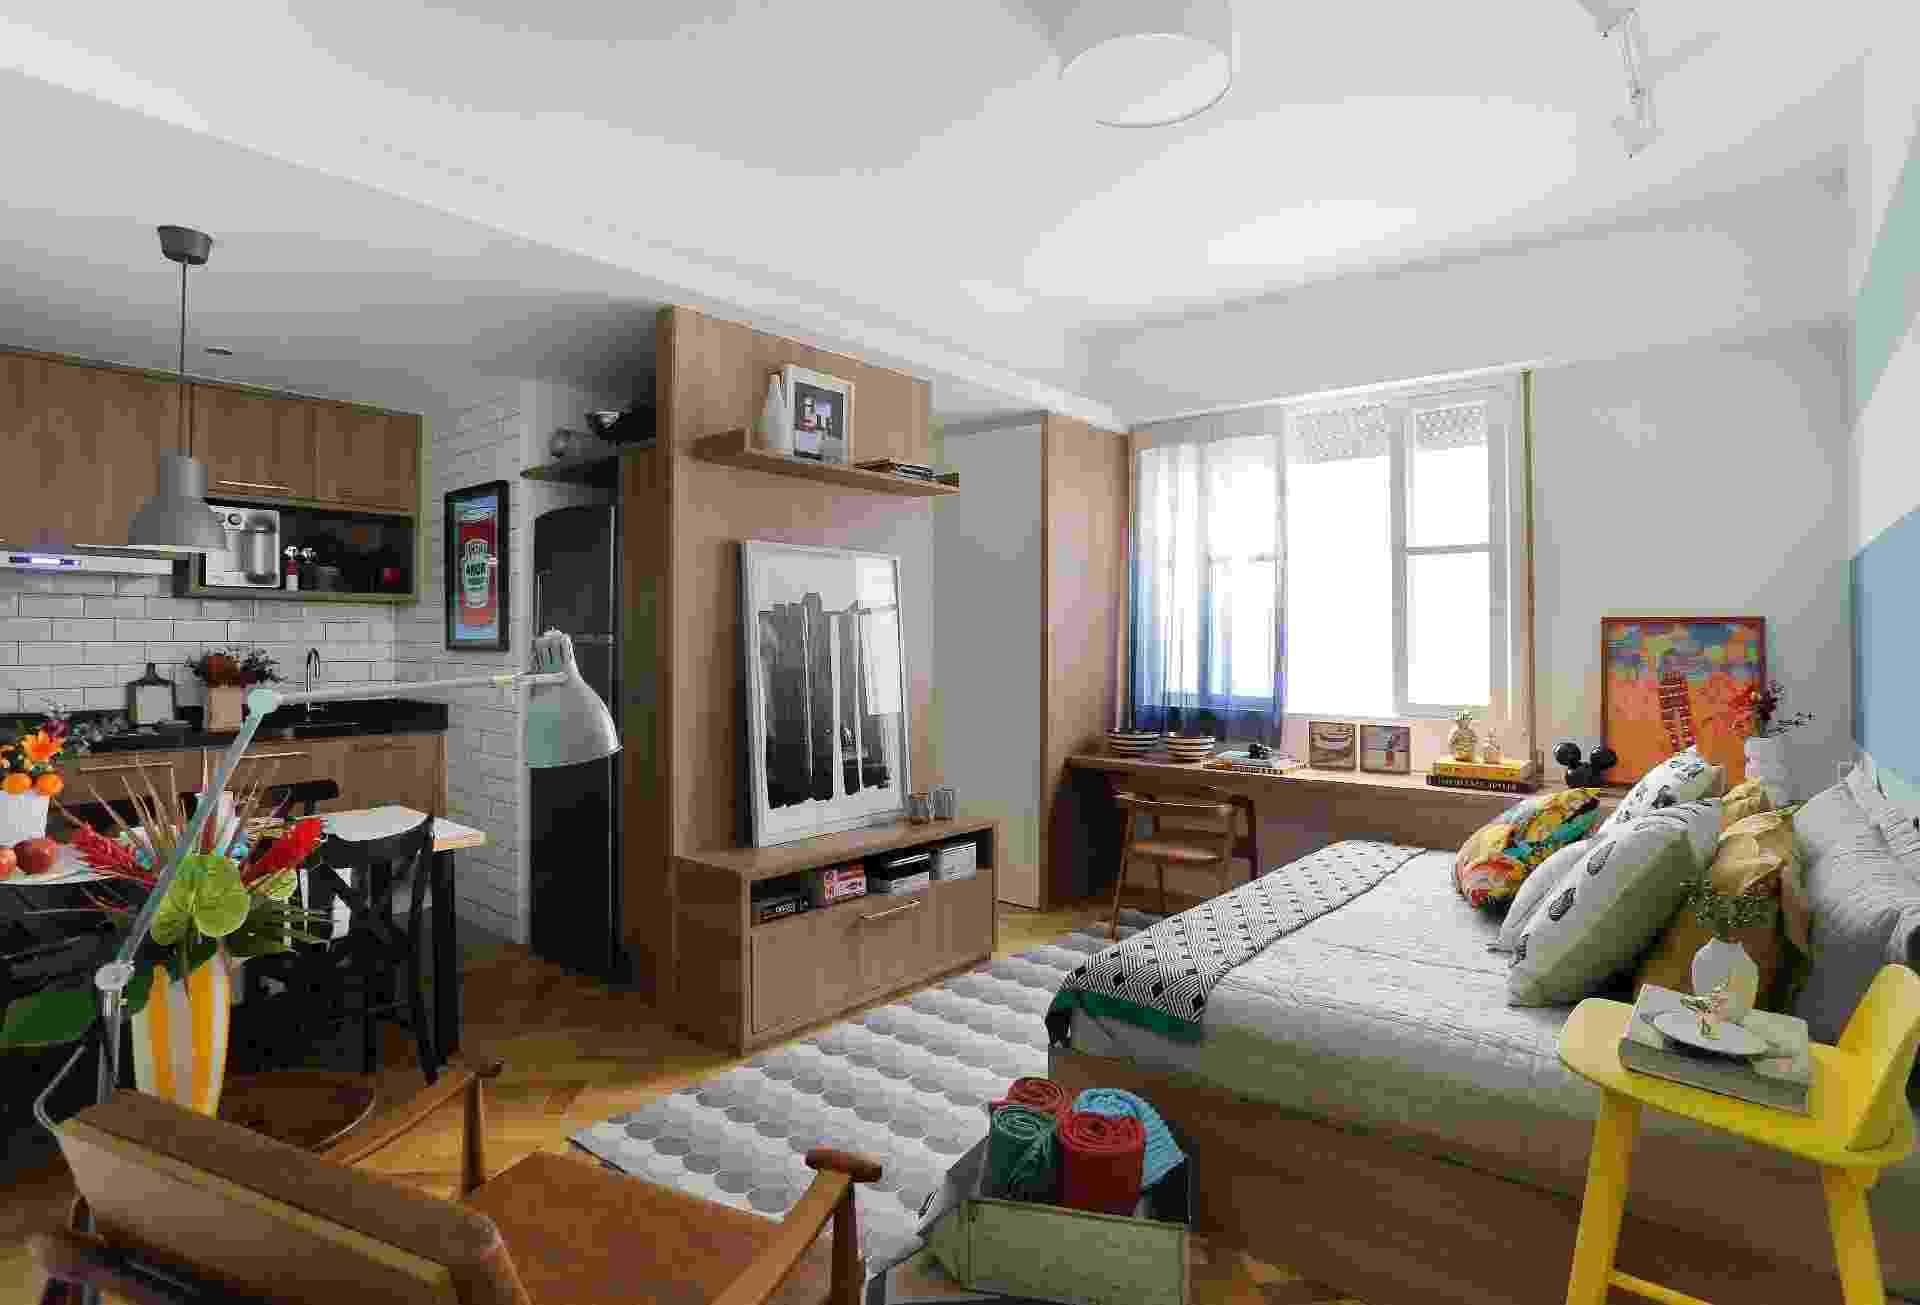 Reforma em apartamento de 26 m² traz clima praiano e comodidade a moradores - Leonardo Costa/Divulgação